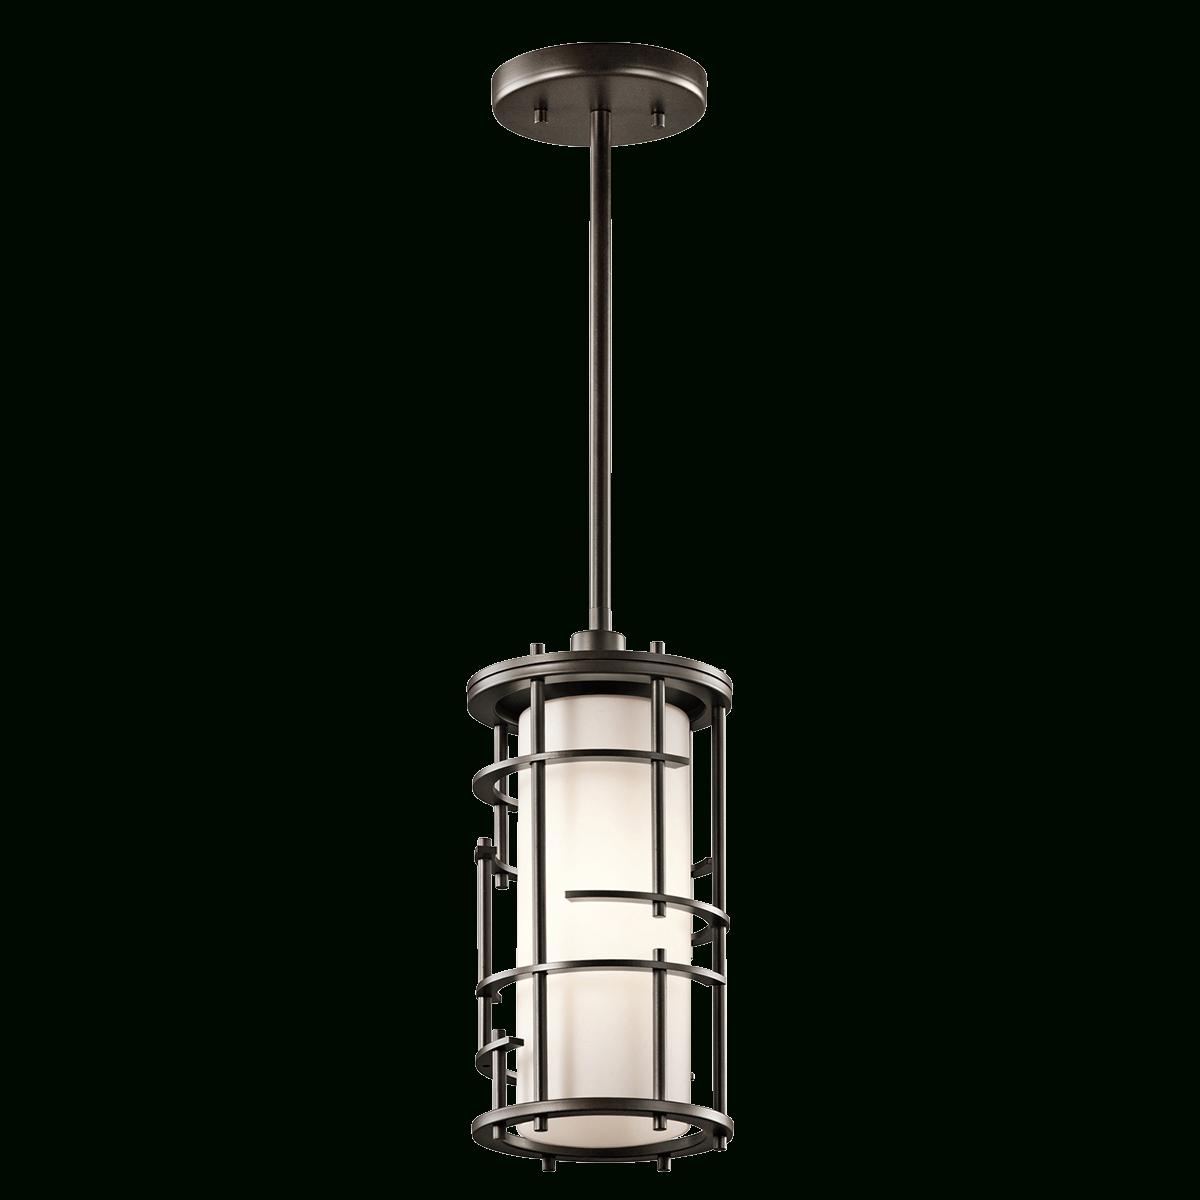 Synergy Lighting Intended For Kraker 1 Light Single Cylinder Pendants (View 19 of 20)